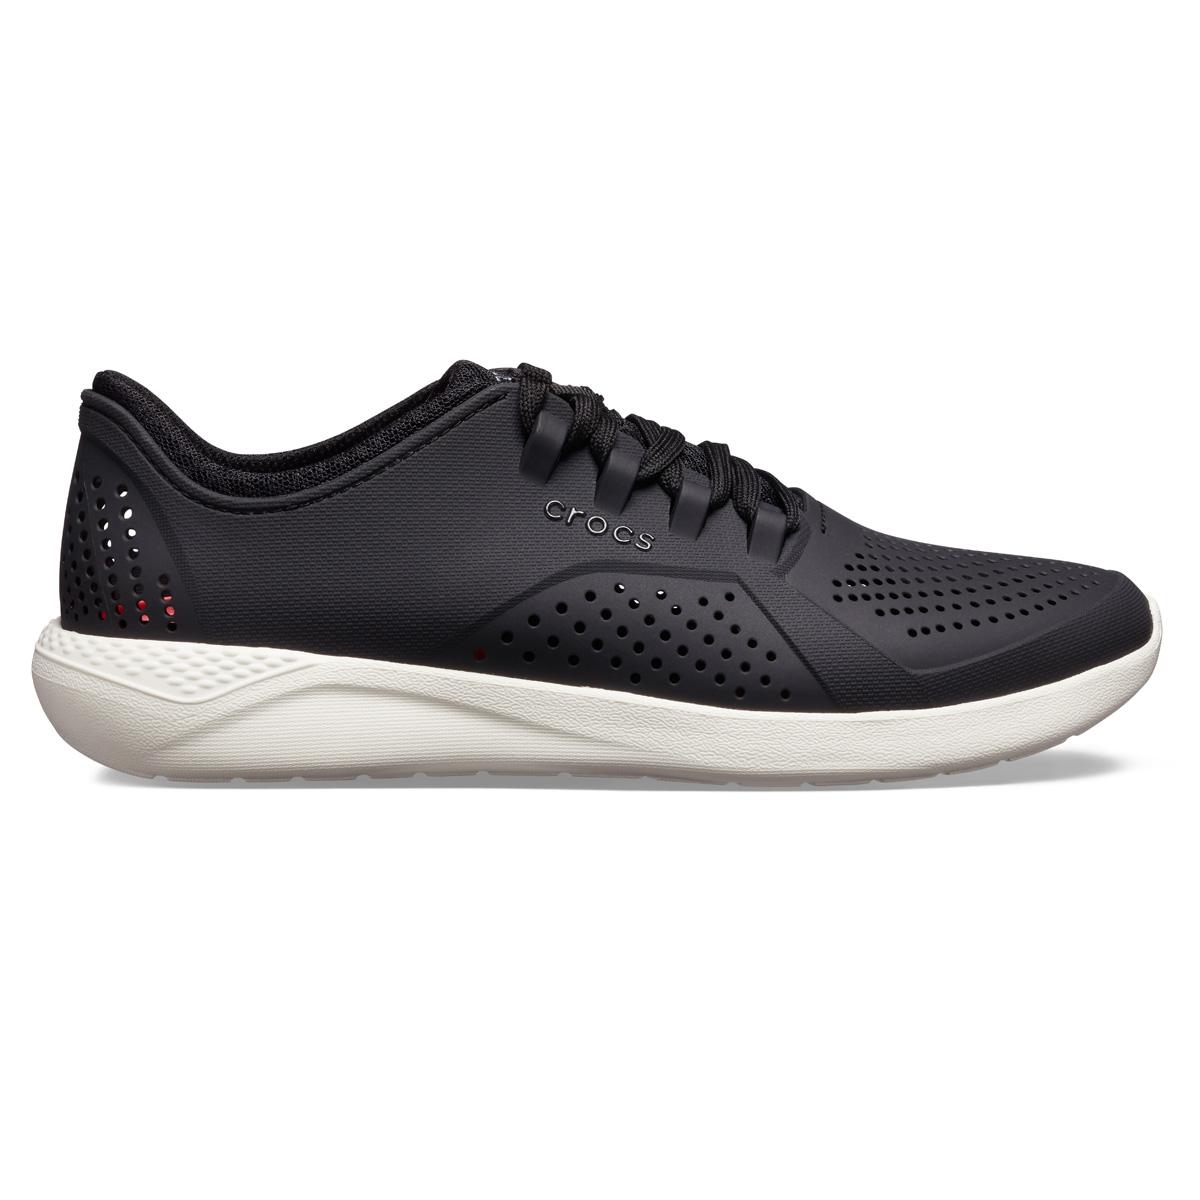 Crocs LiteRide Pacer M - Siyah/Beyaz